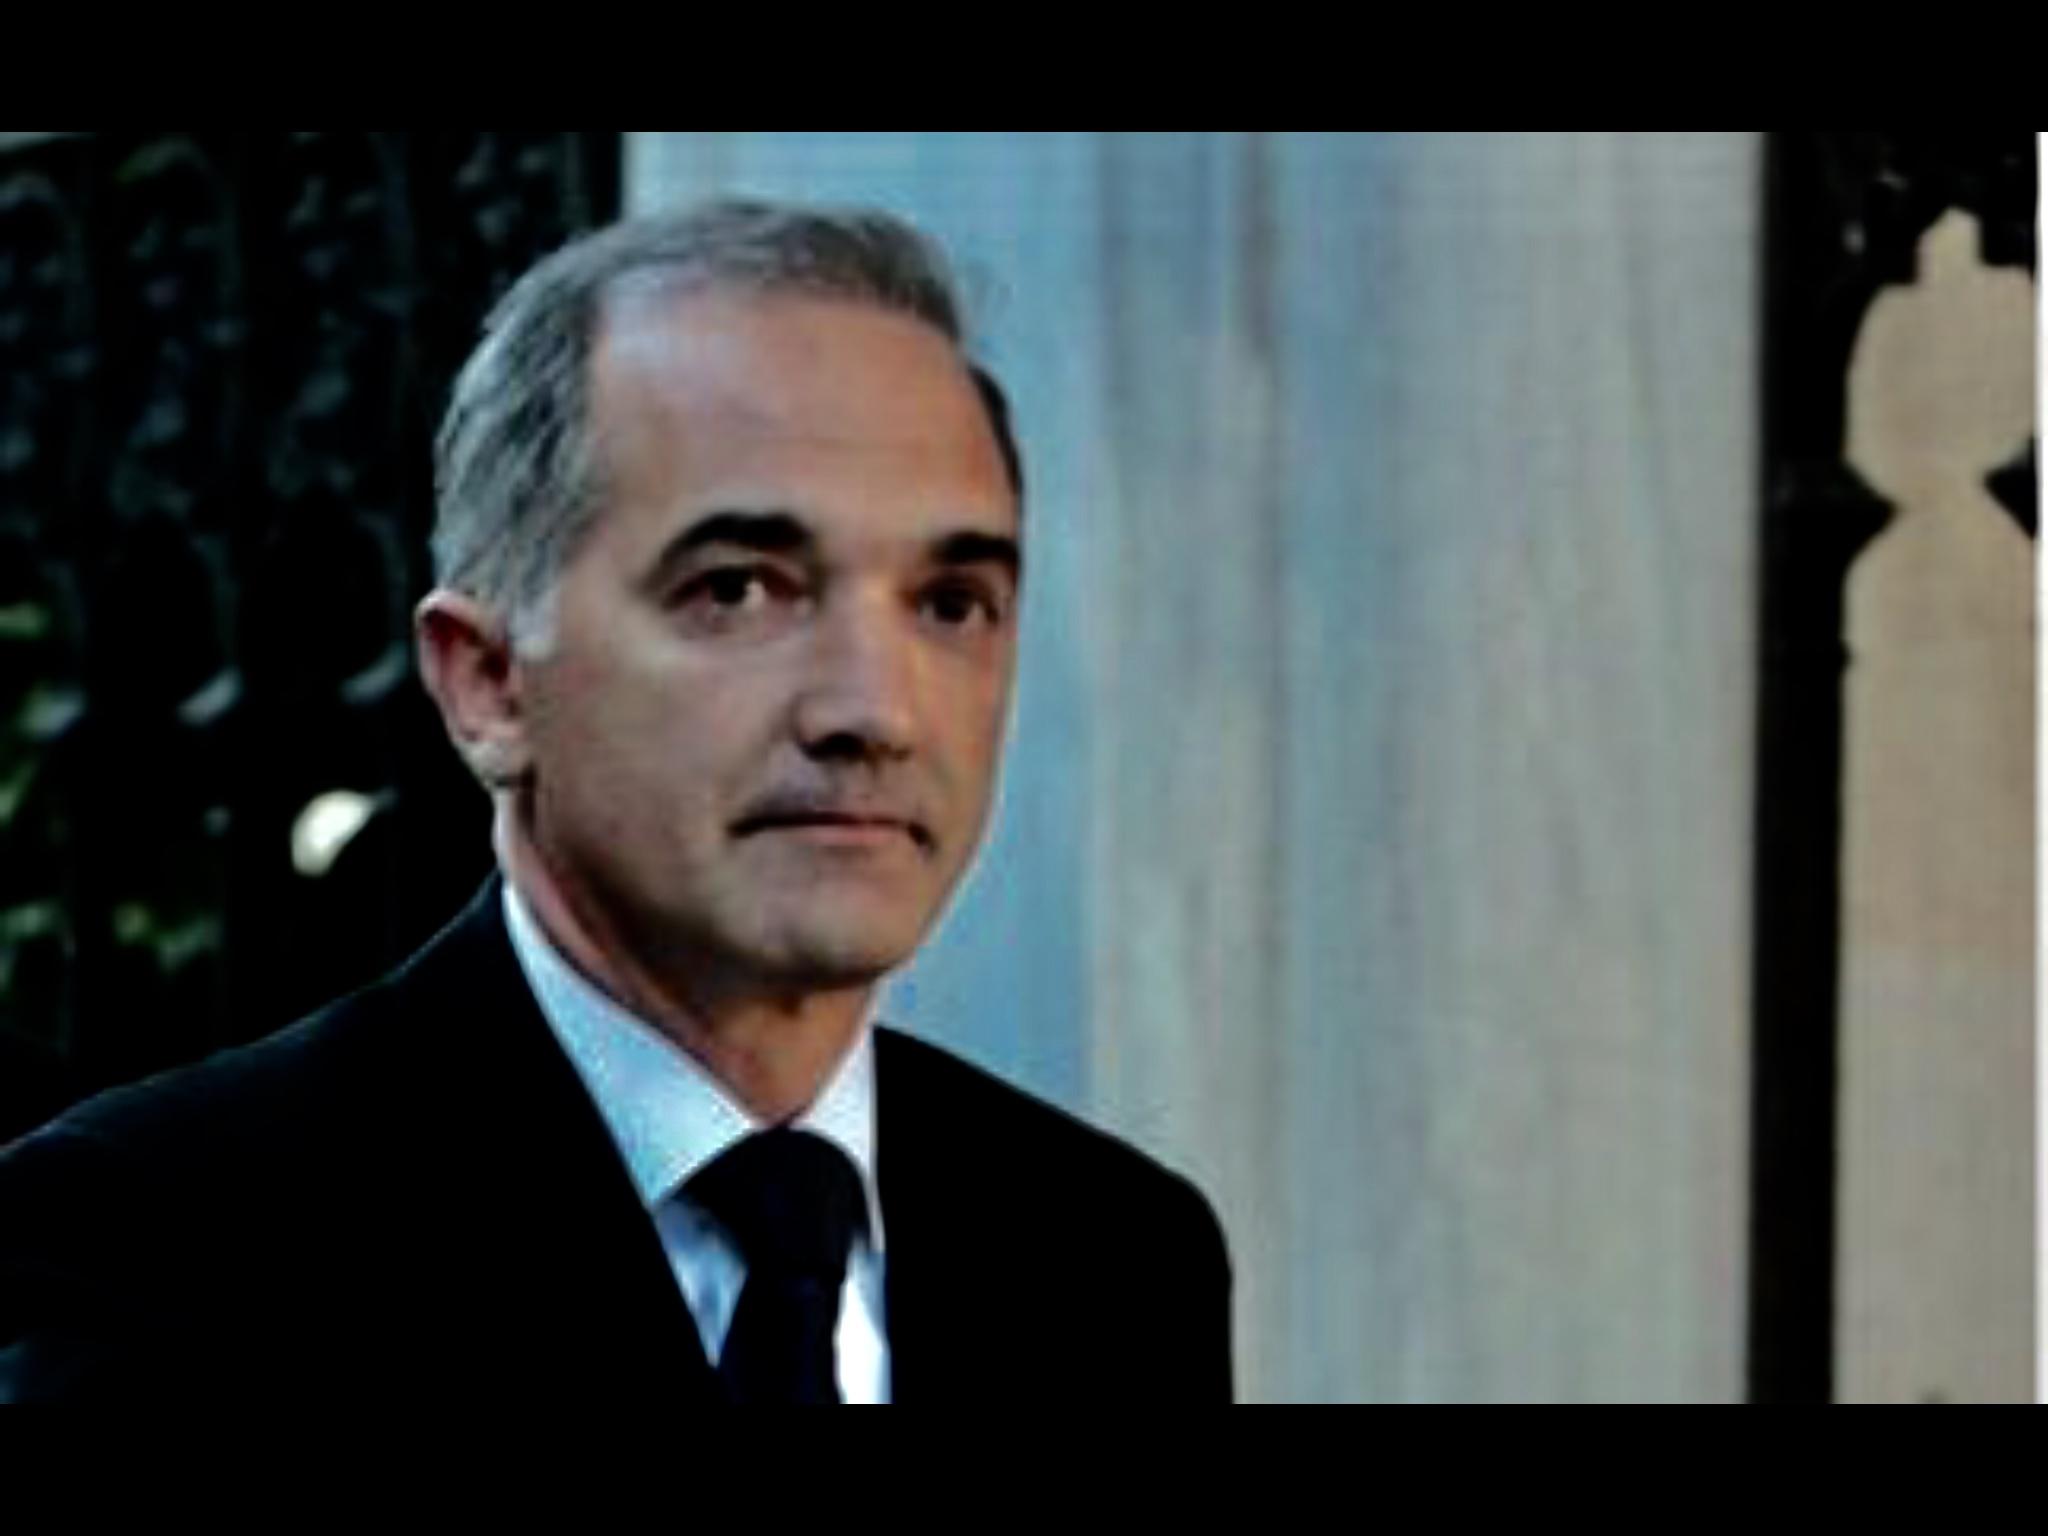 ΤΩΡΑ‼️ Ο Μάριος Σαλμάς τελειώνει το όνειδος της παράταξης με ανακοίνωση – κόλαφο!